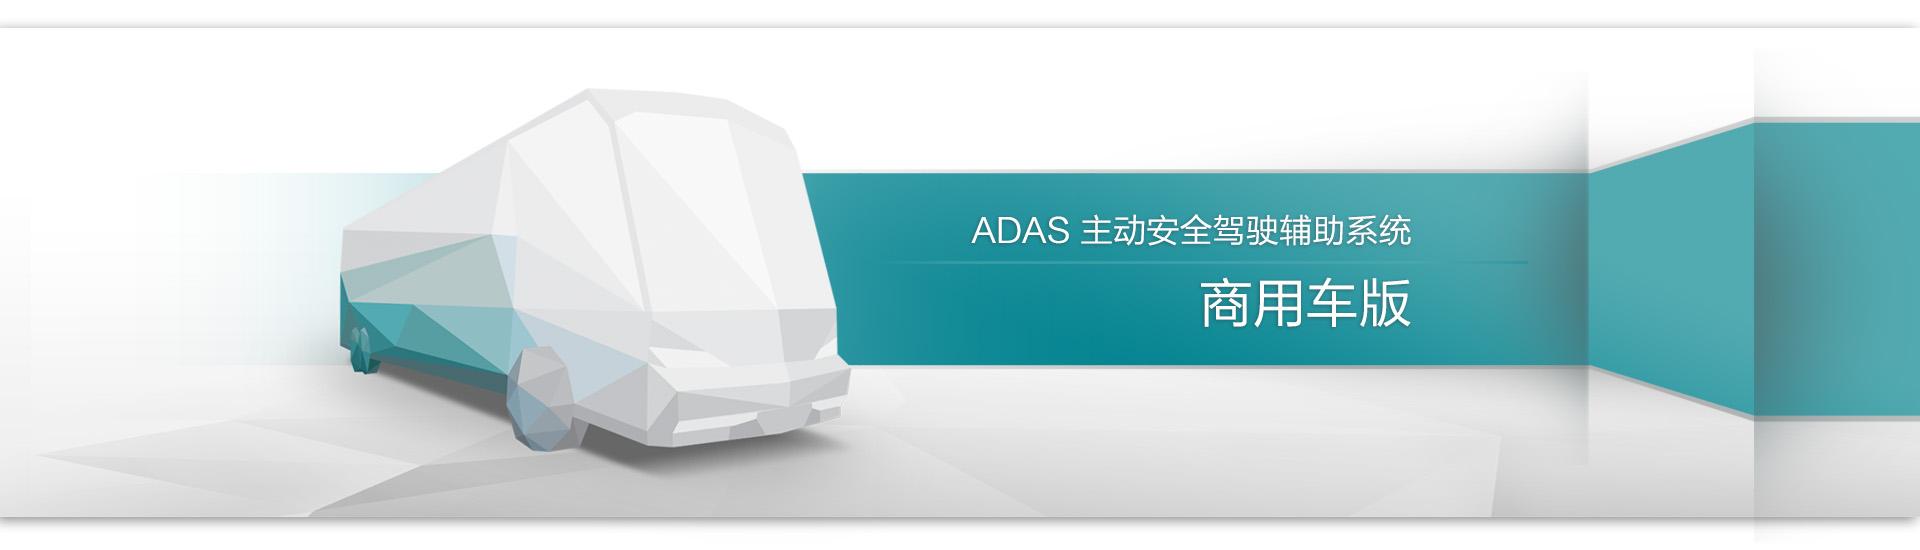 商用车ADASraybet雷竞技app